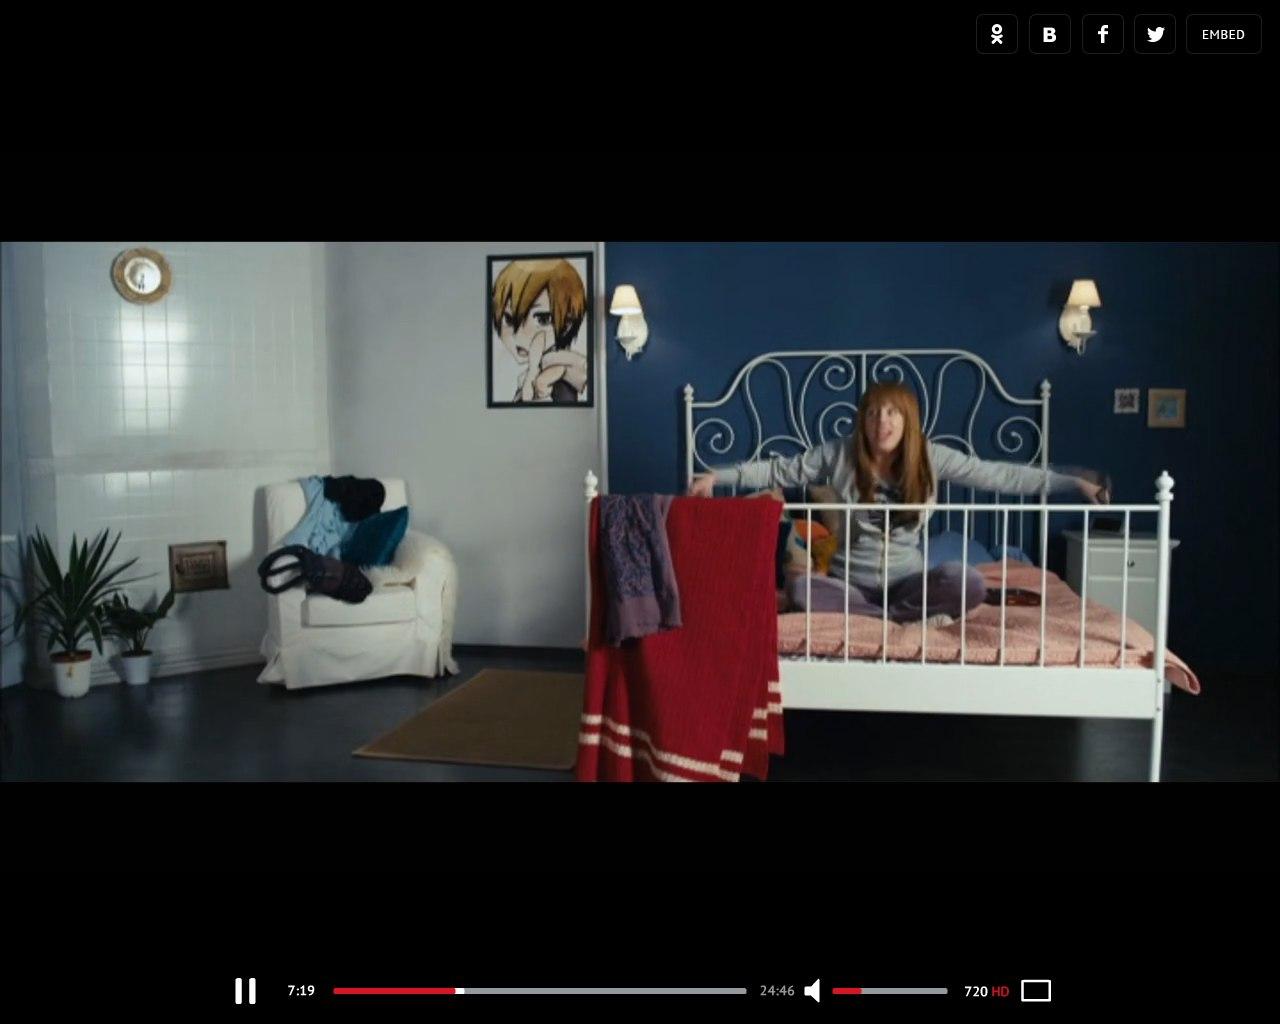 Порно видео с лесбиянками смотреть онлайн бесплатно и без регистрации